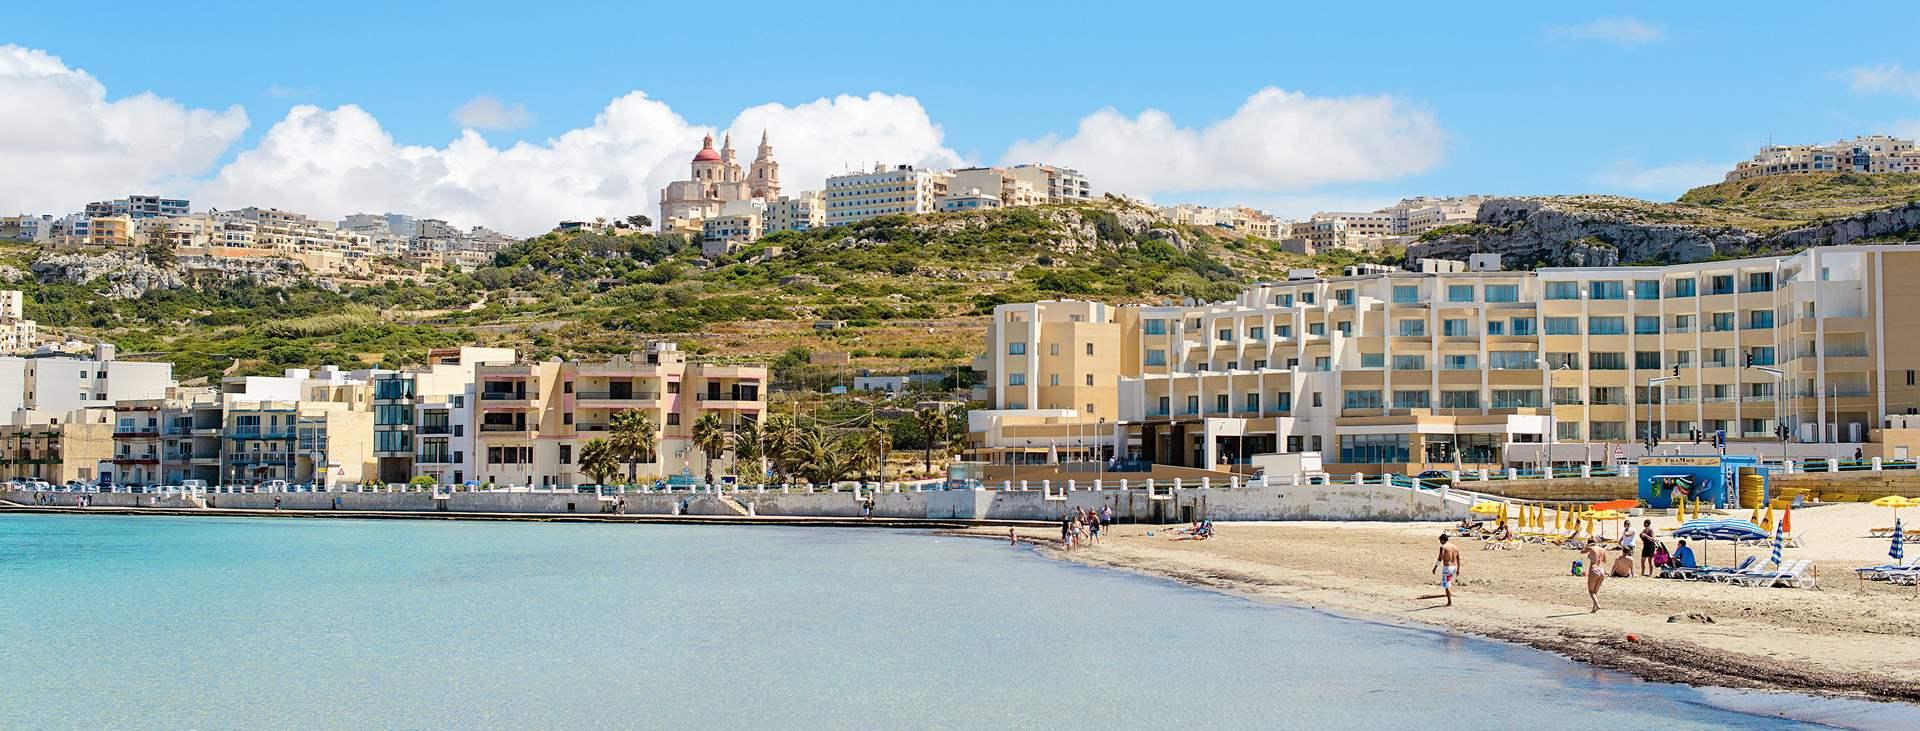 Reis til Mellieha på Malta med Ving